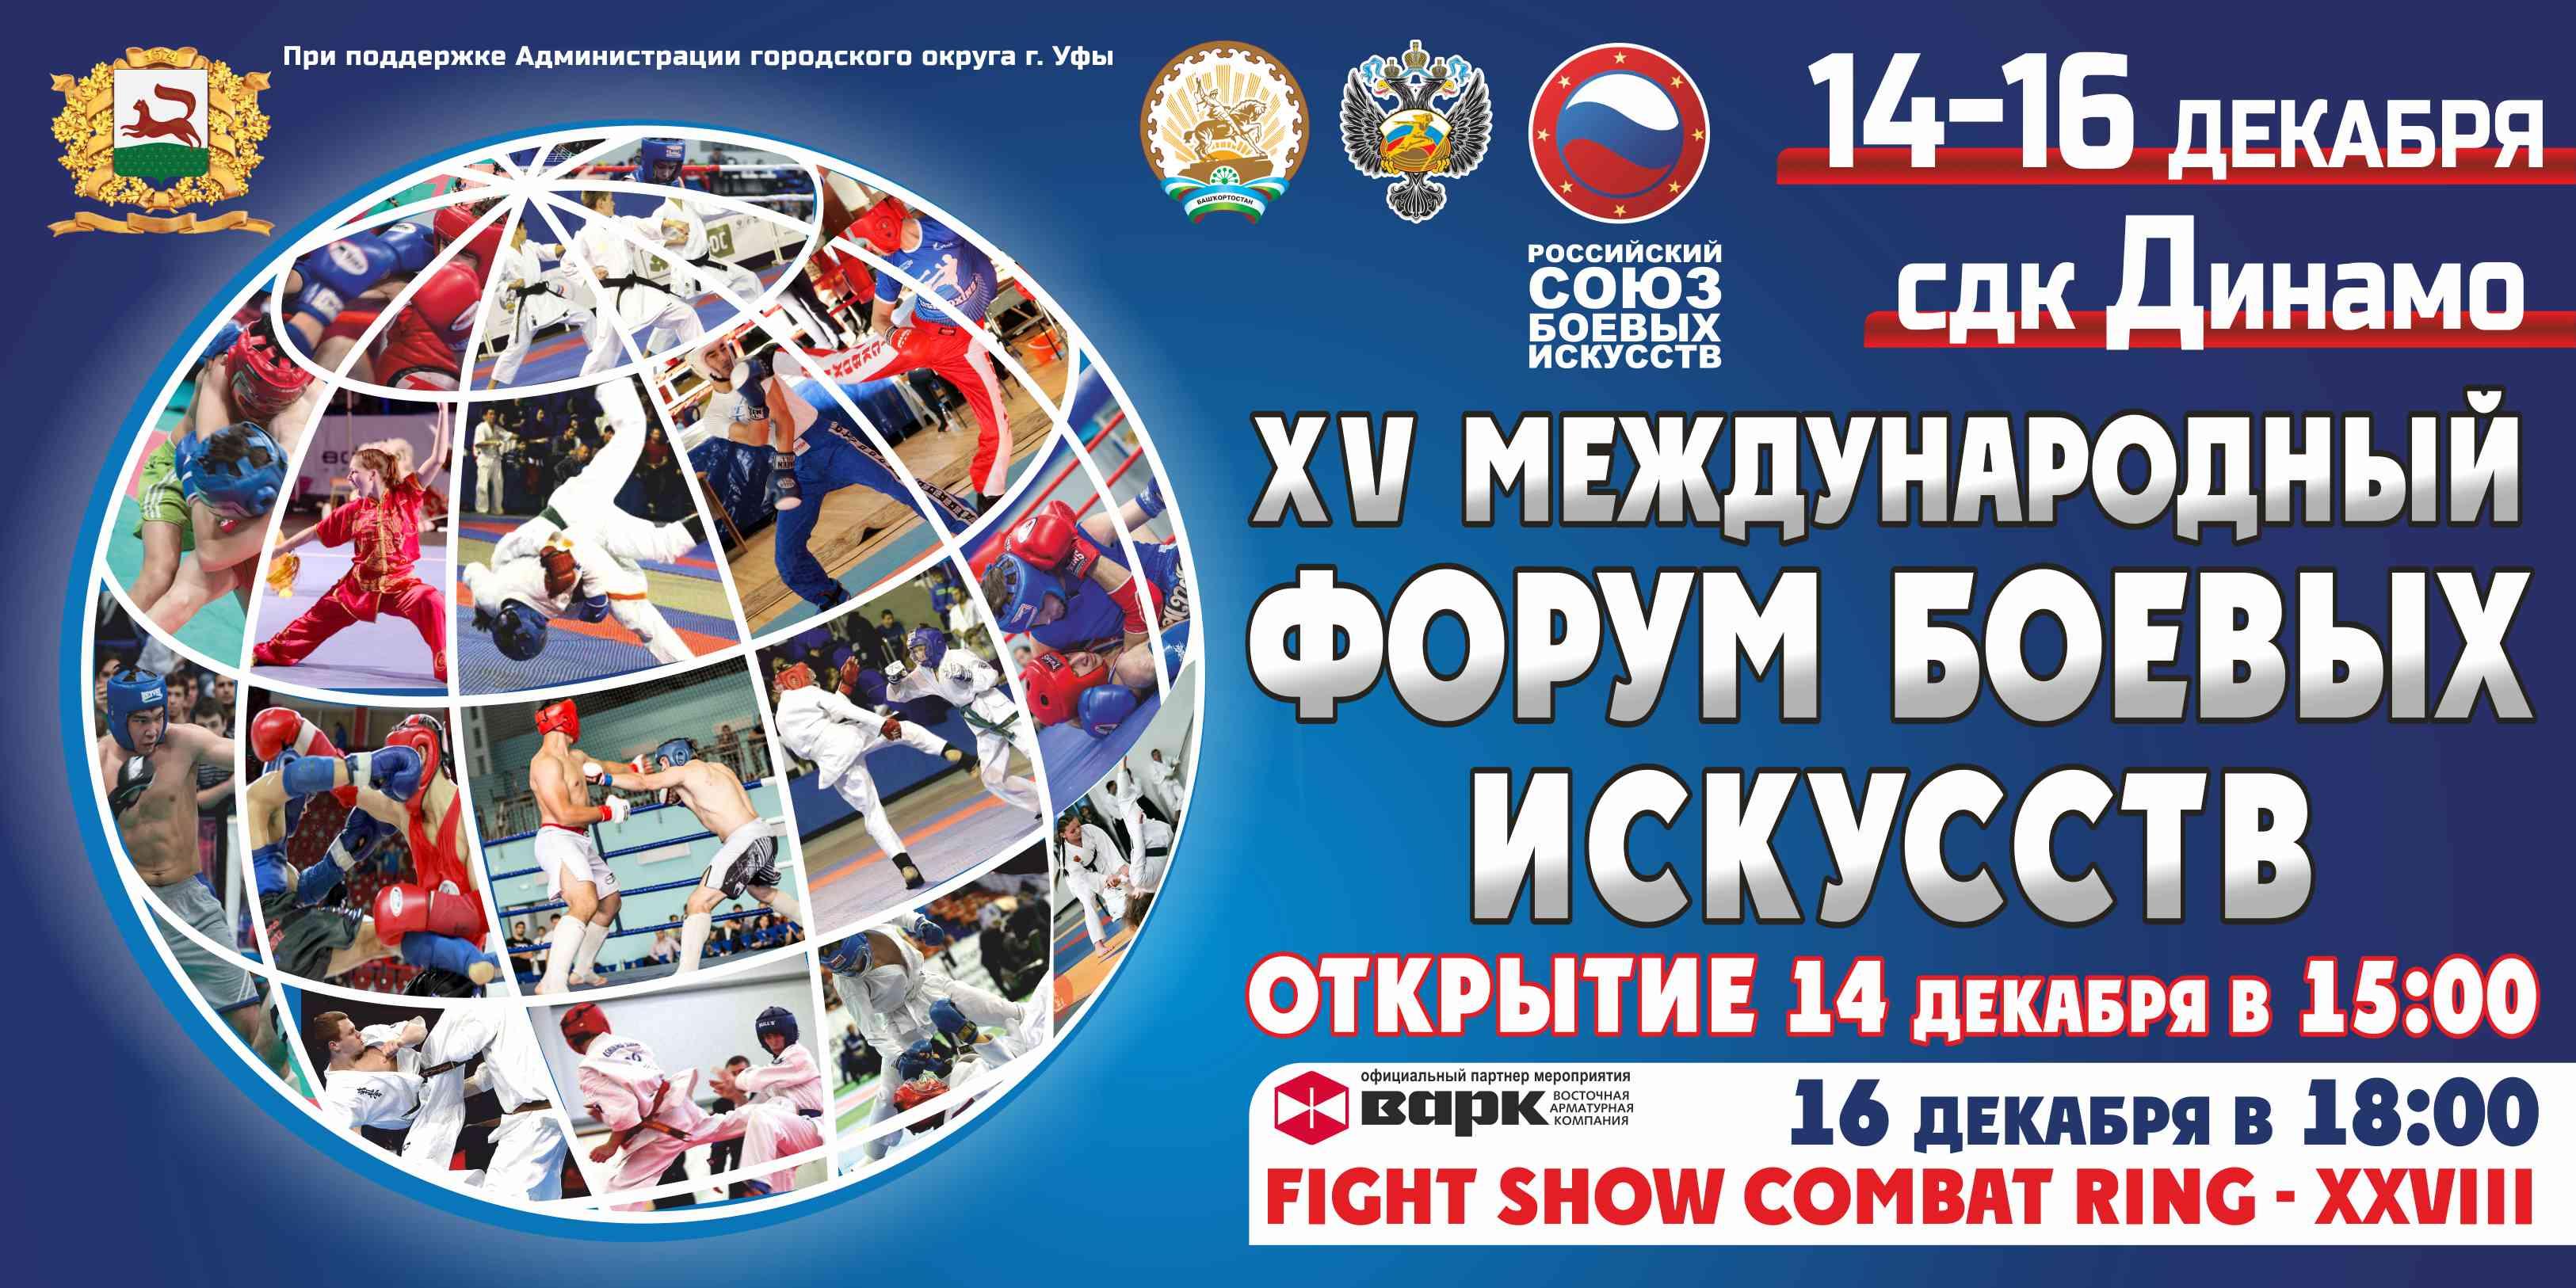 http://combatsd.ru/images/upload/РСБИ_6000х3000%20(3).jpg